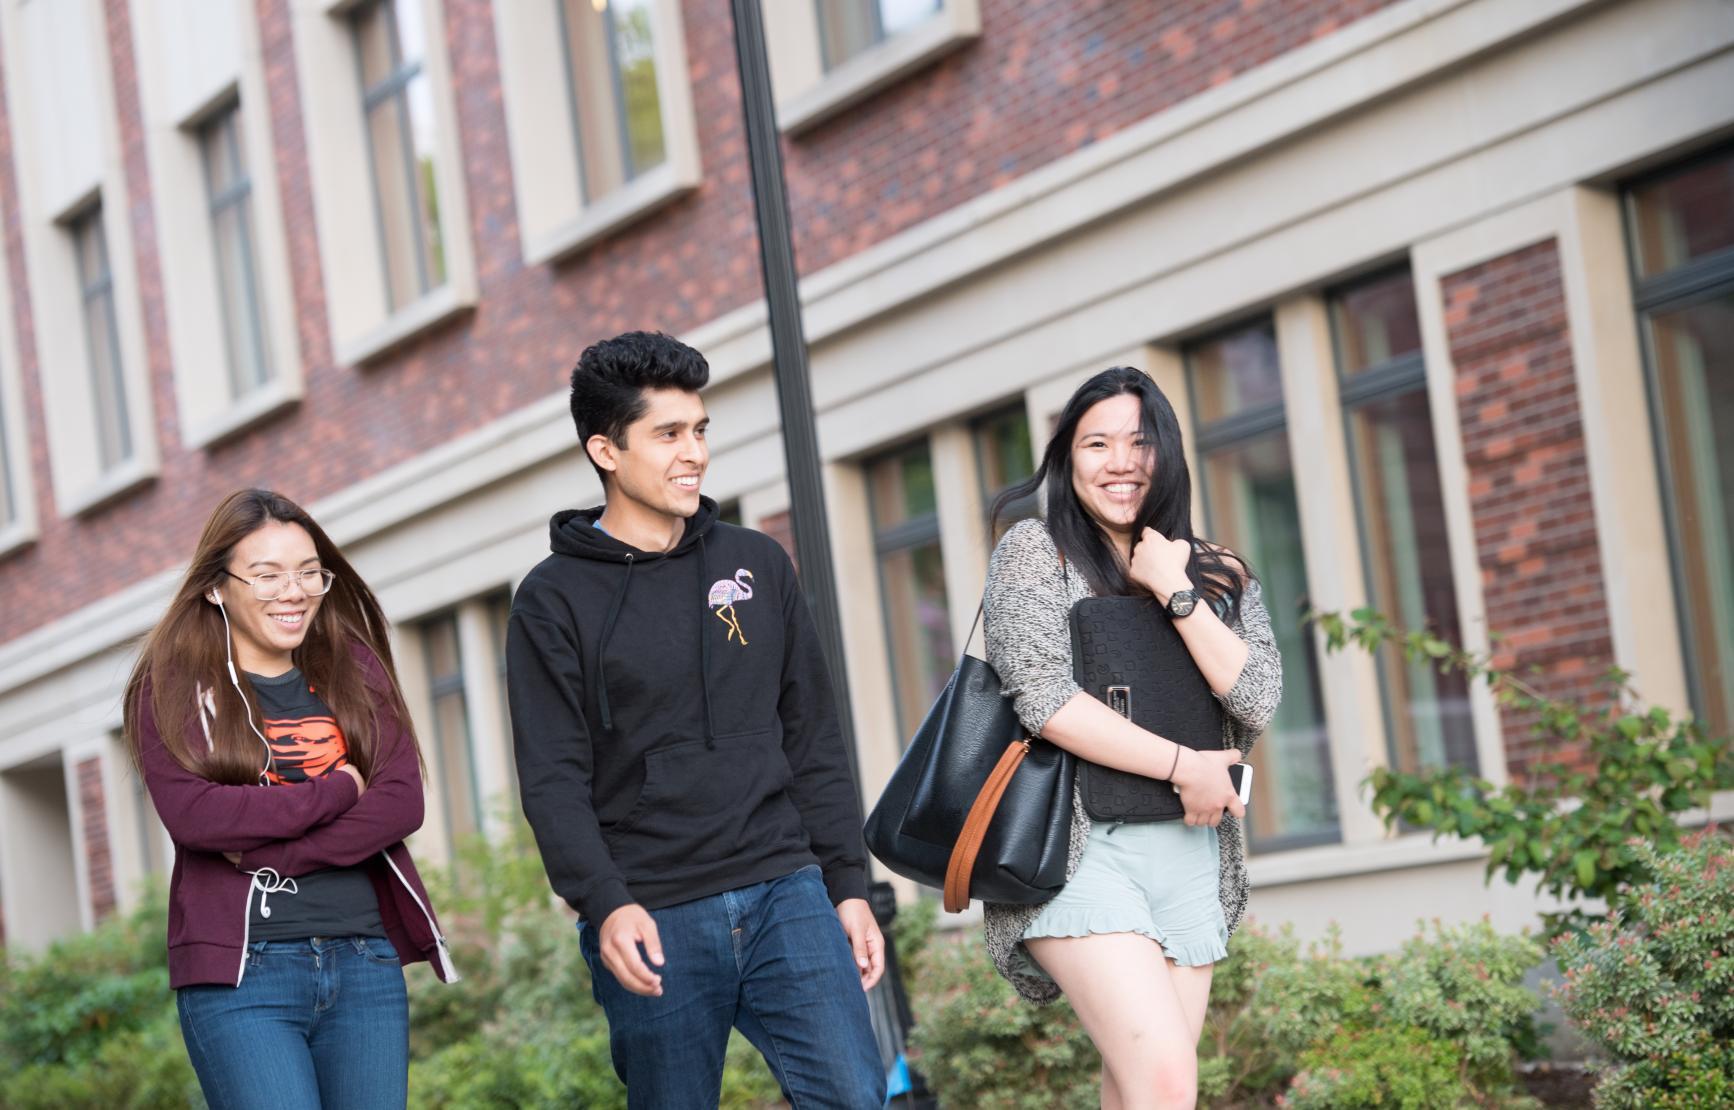 Three OSU students walking through the quad